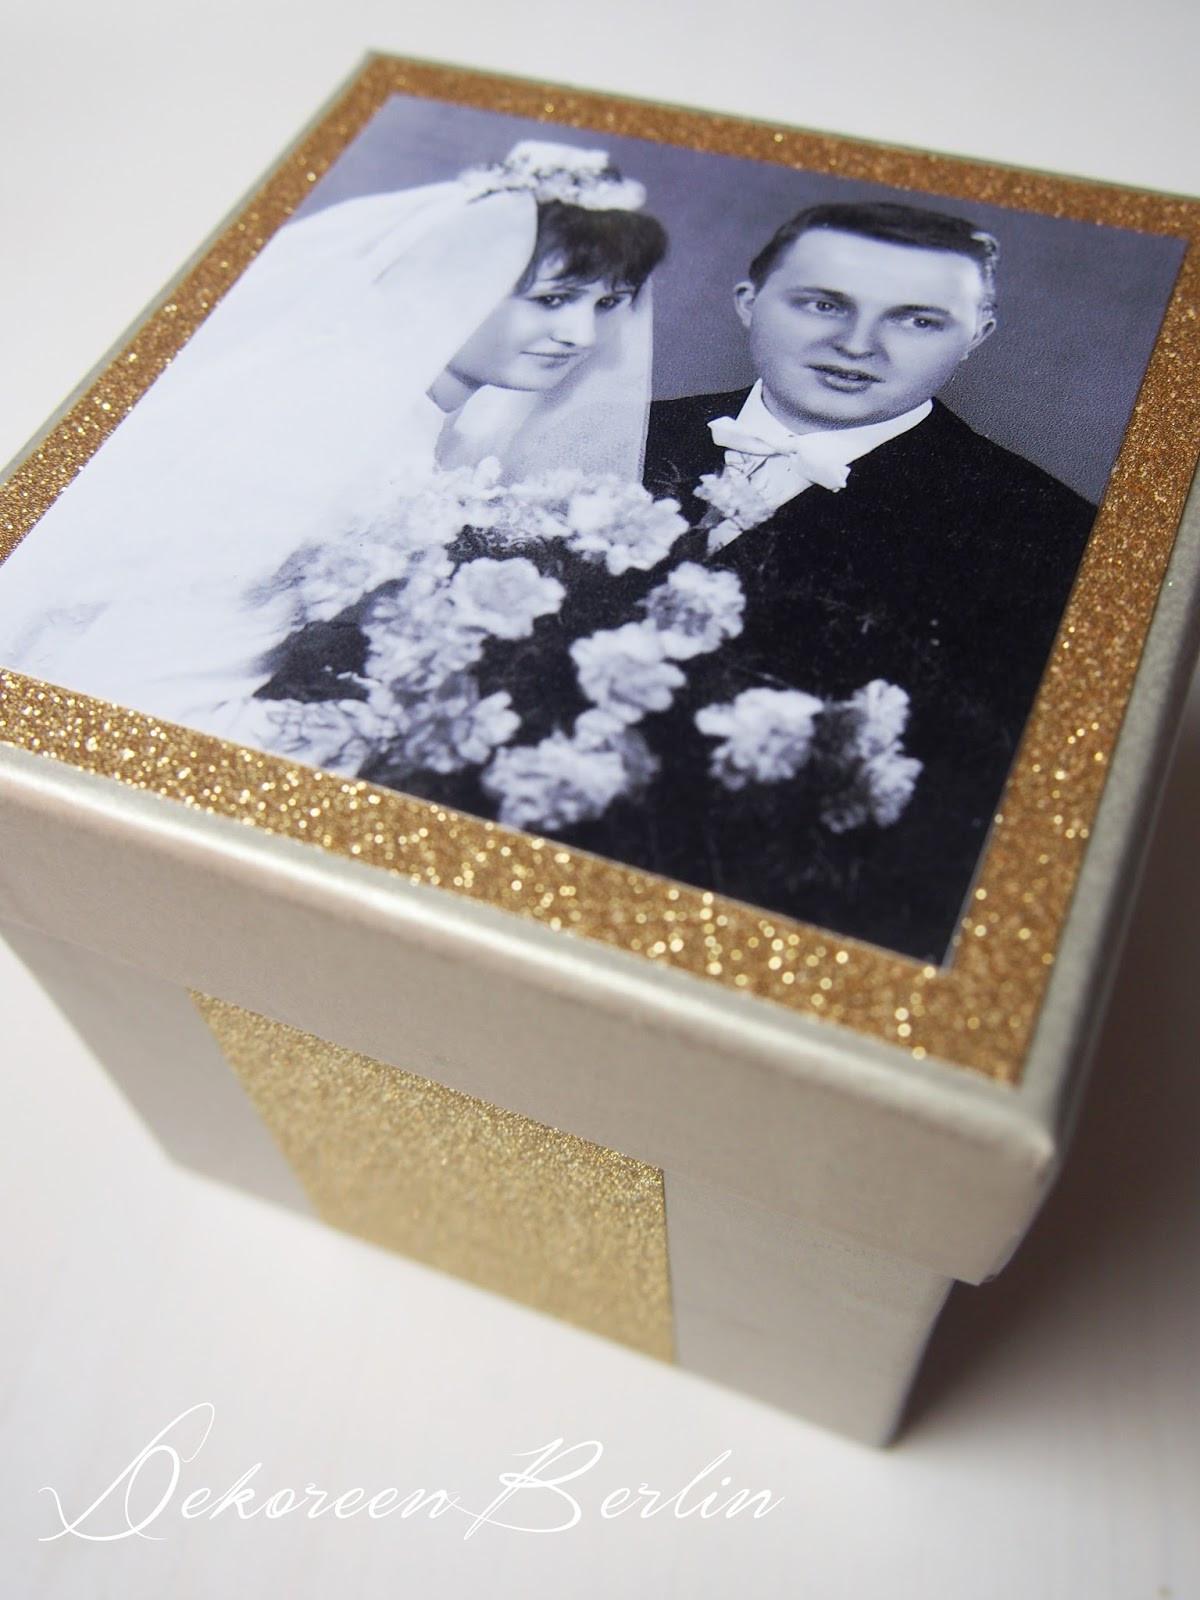 Geschenk Für Goldene Hochzeit  DekOreenBerlin Geschenke zur goldenen Hochzeit